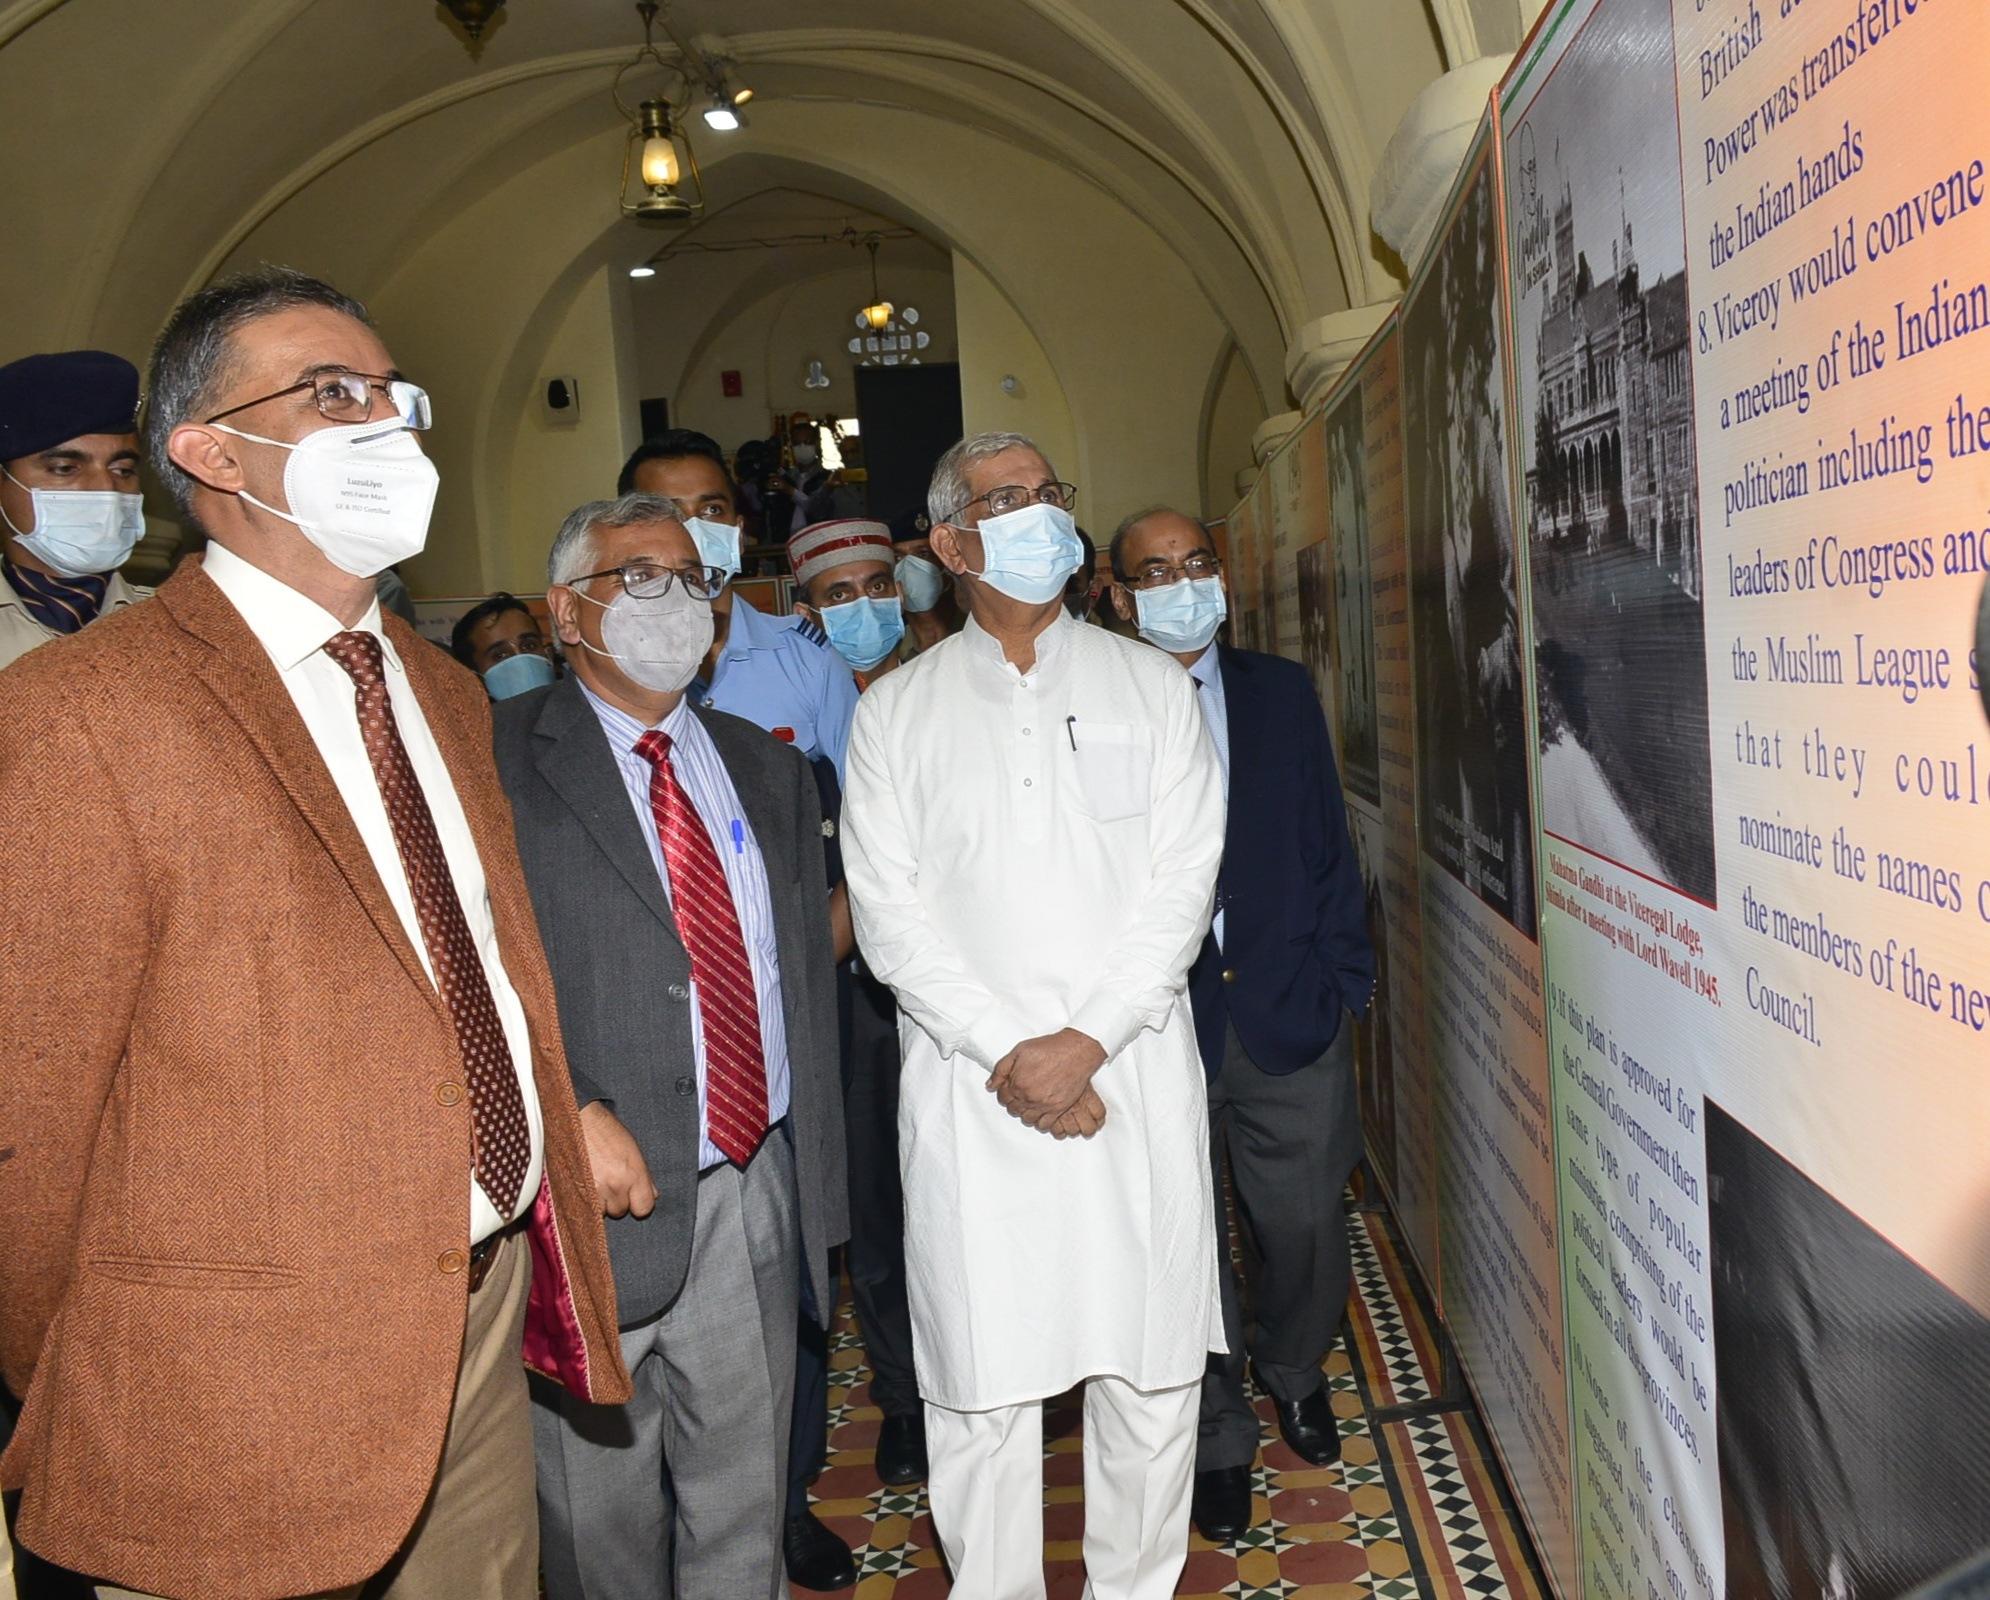 राज्यपाल ने महात्मा गांधी के आदर्शों को अपनाने का आग्रह किया, गांधी इन शिमला पुस्तक का विमोचन और प्रदर्शनी का शुभारम्भ किया